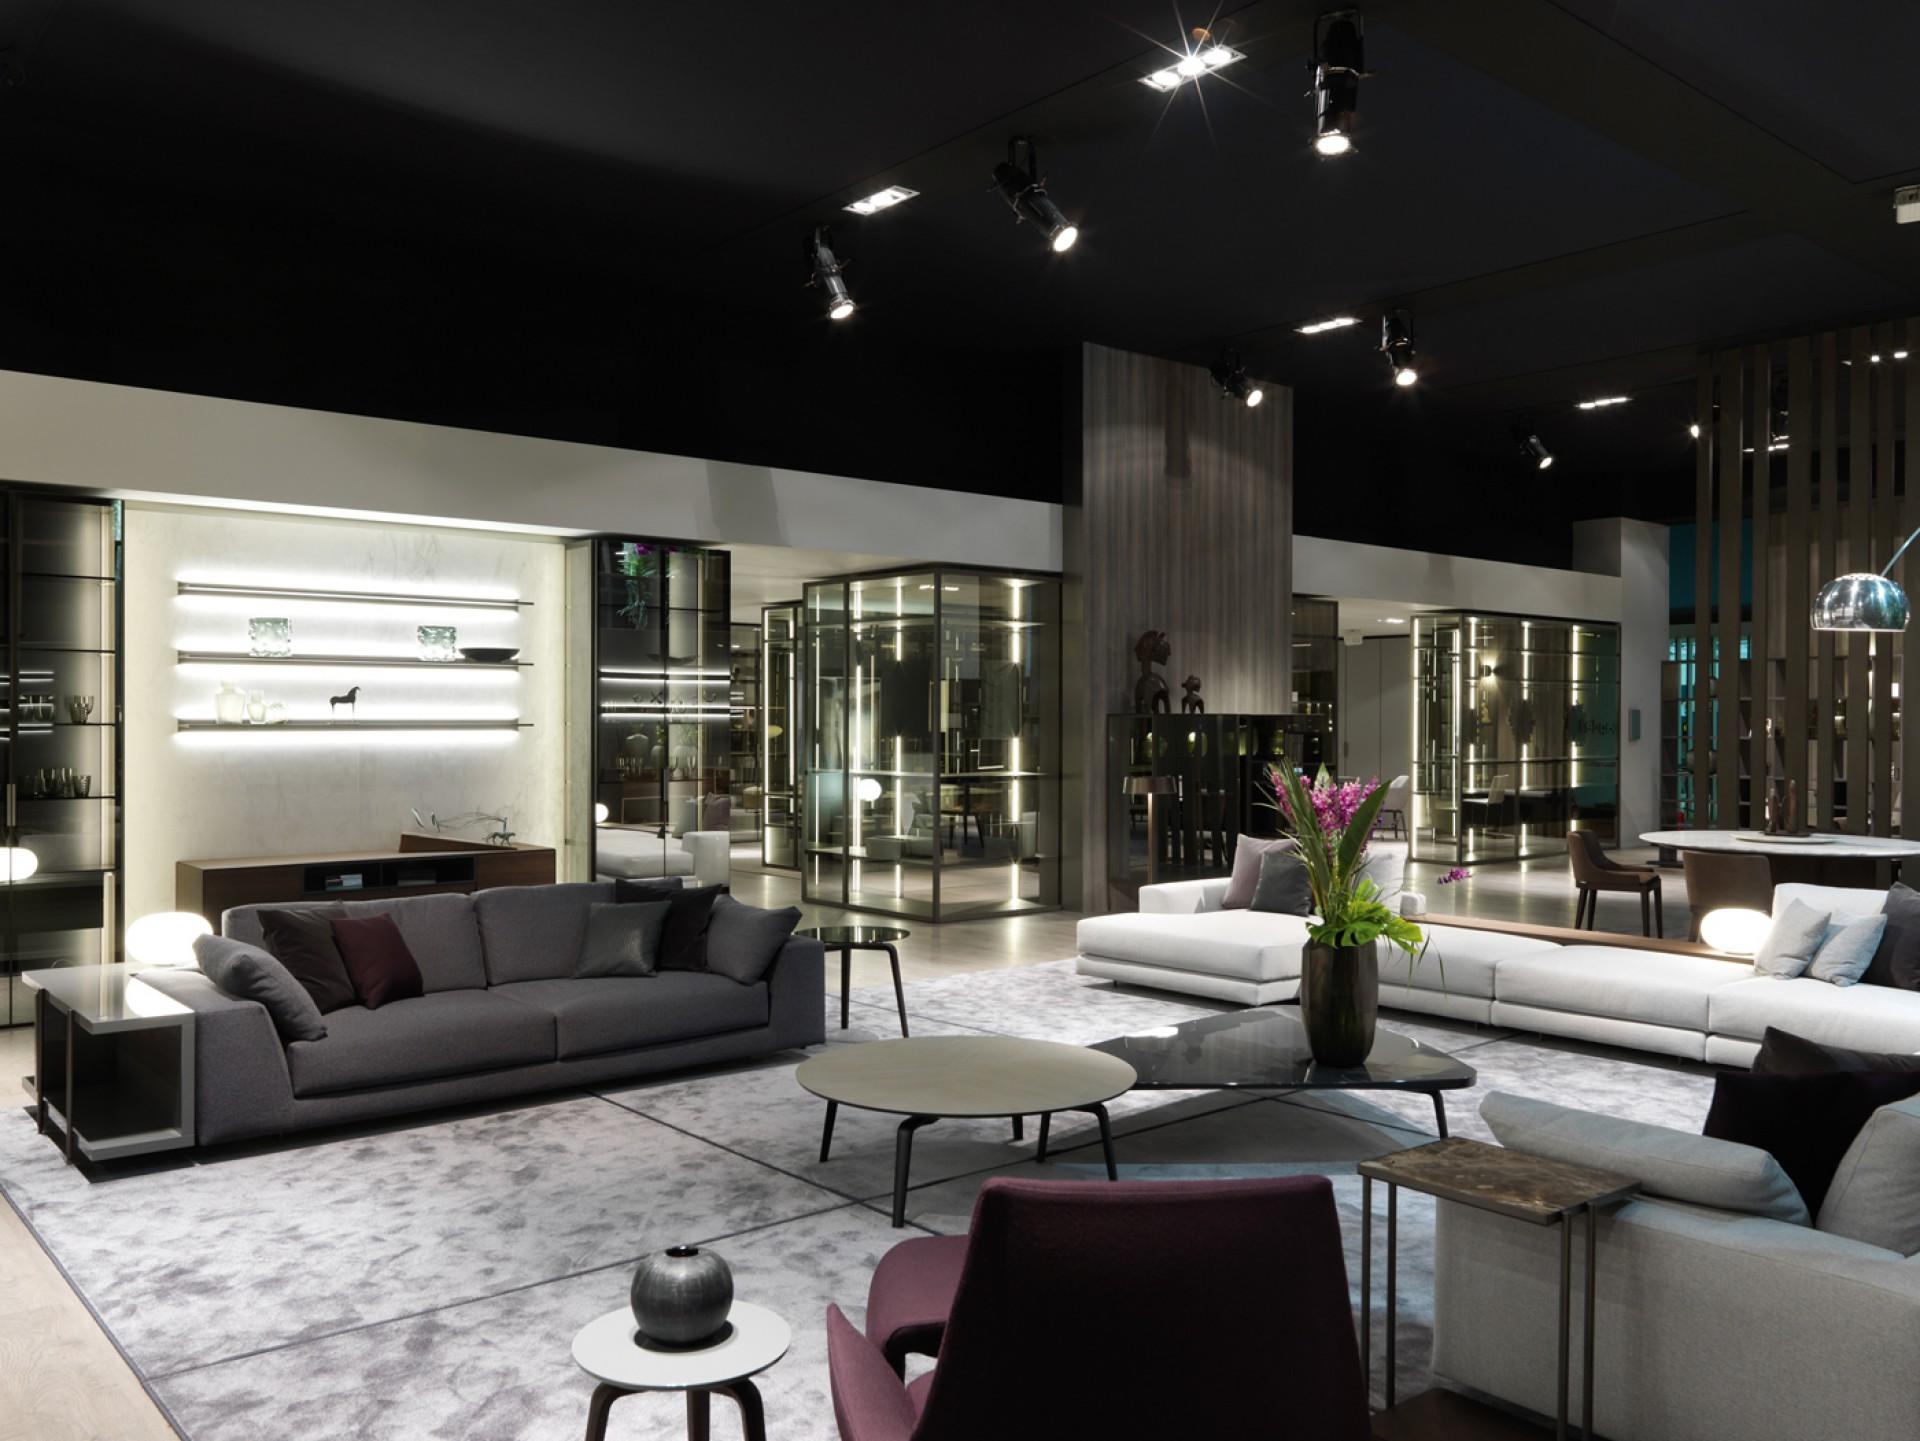 Salone del mobile milano 2016 misuraemme for Milano salone del mobile 2016